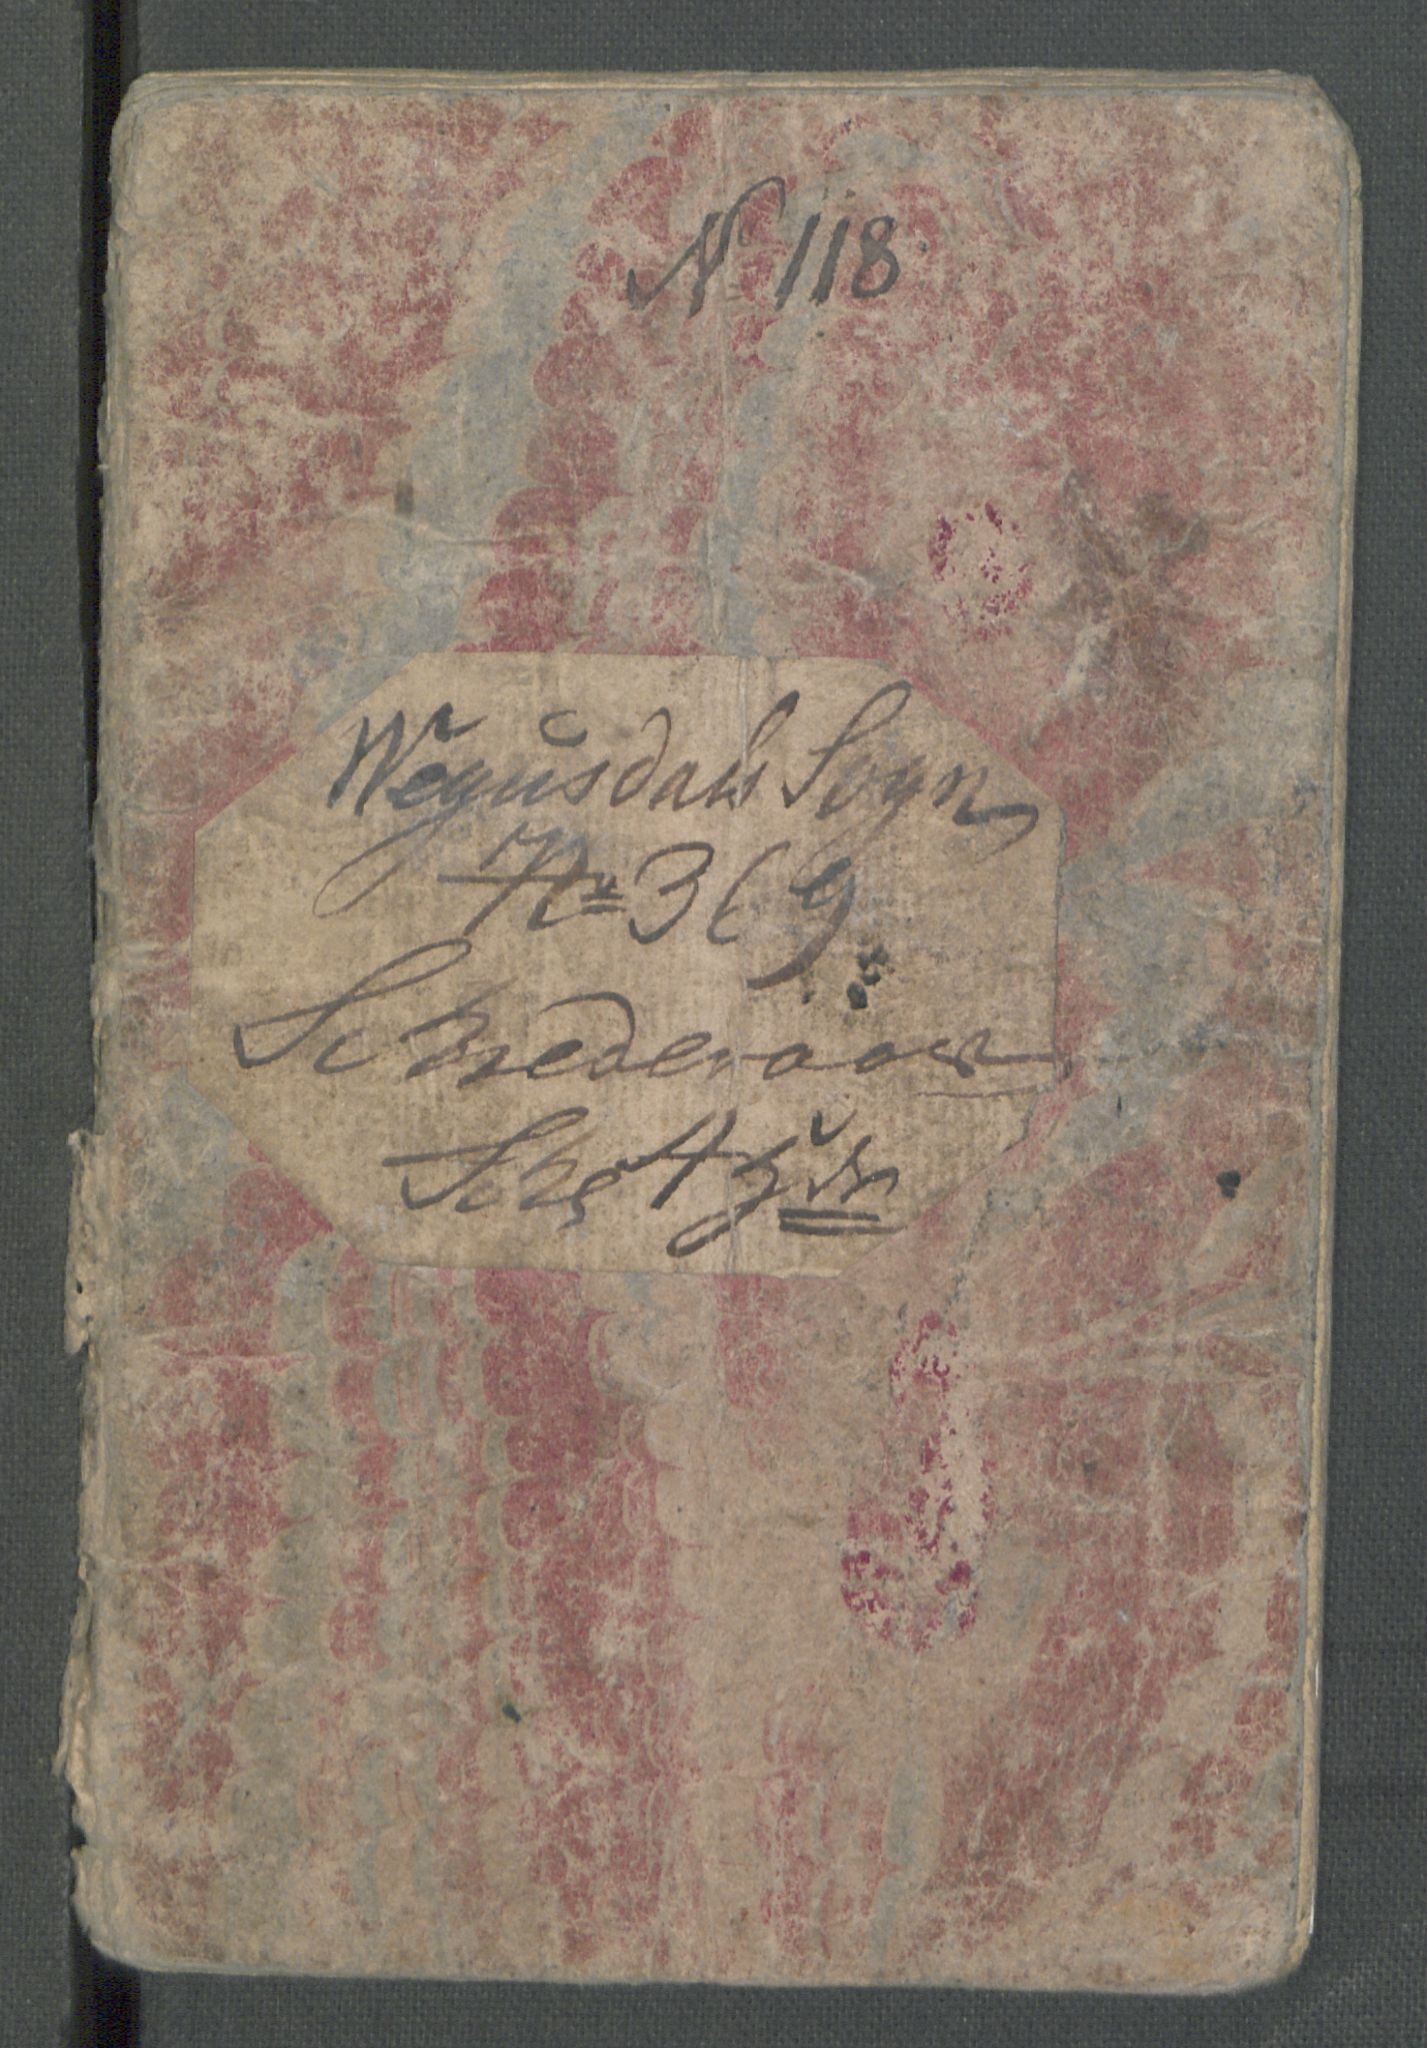 RA, Rentekammeret inntil 1814, Realistisk ordnet avdeling, Od/L0001: Oppløp, 1786-1769, s. 155